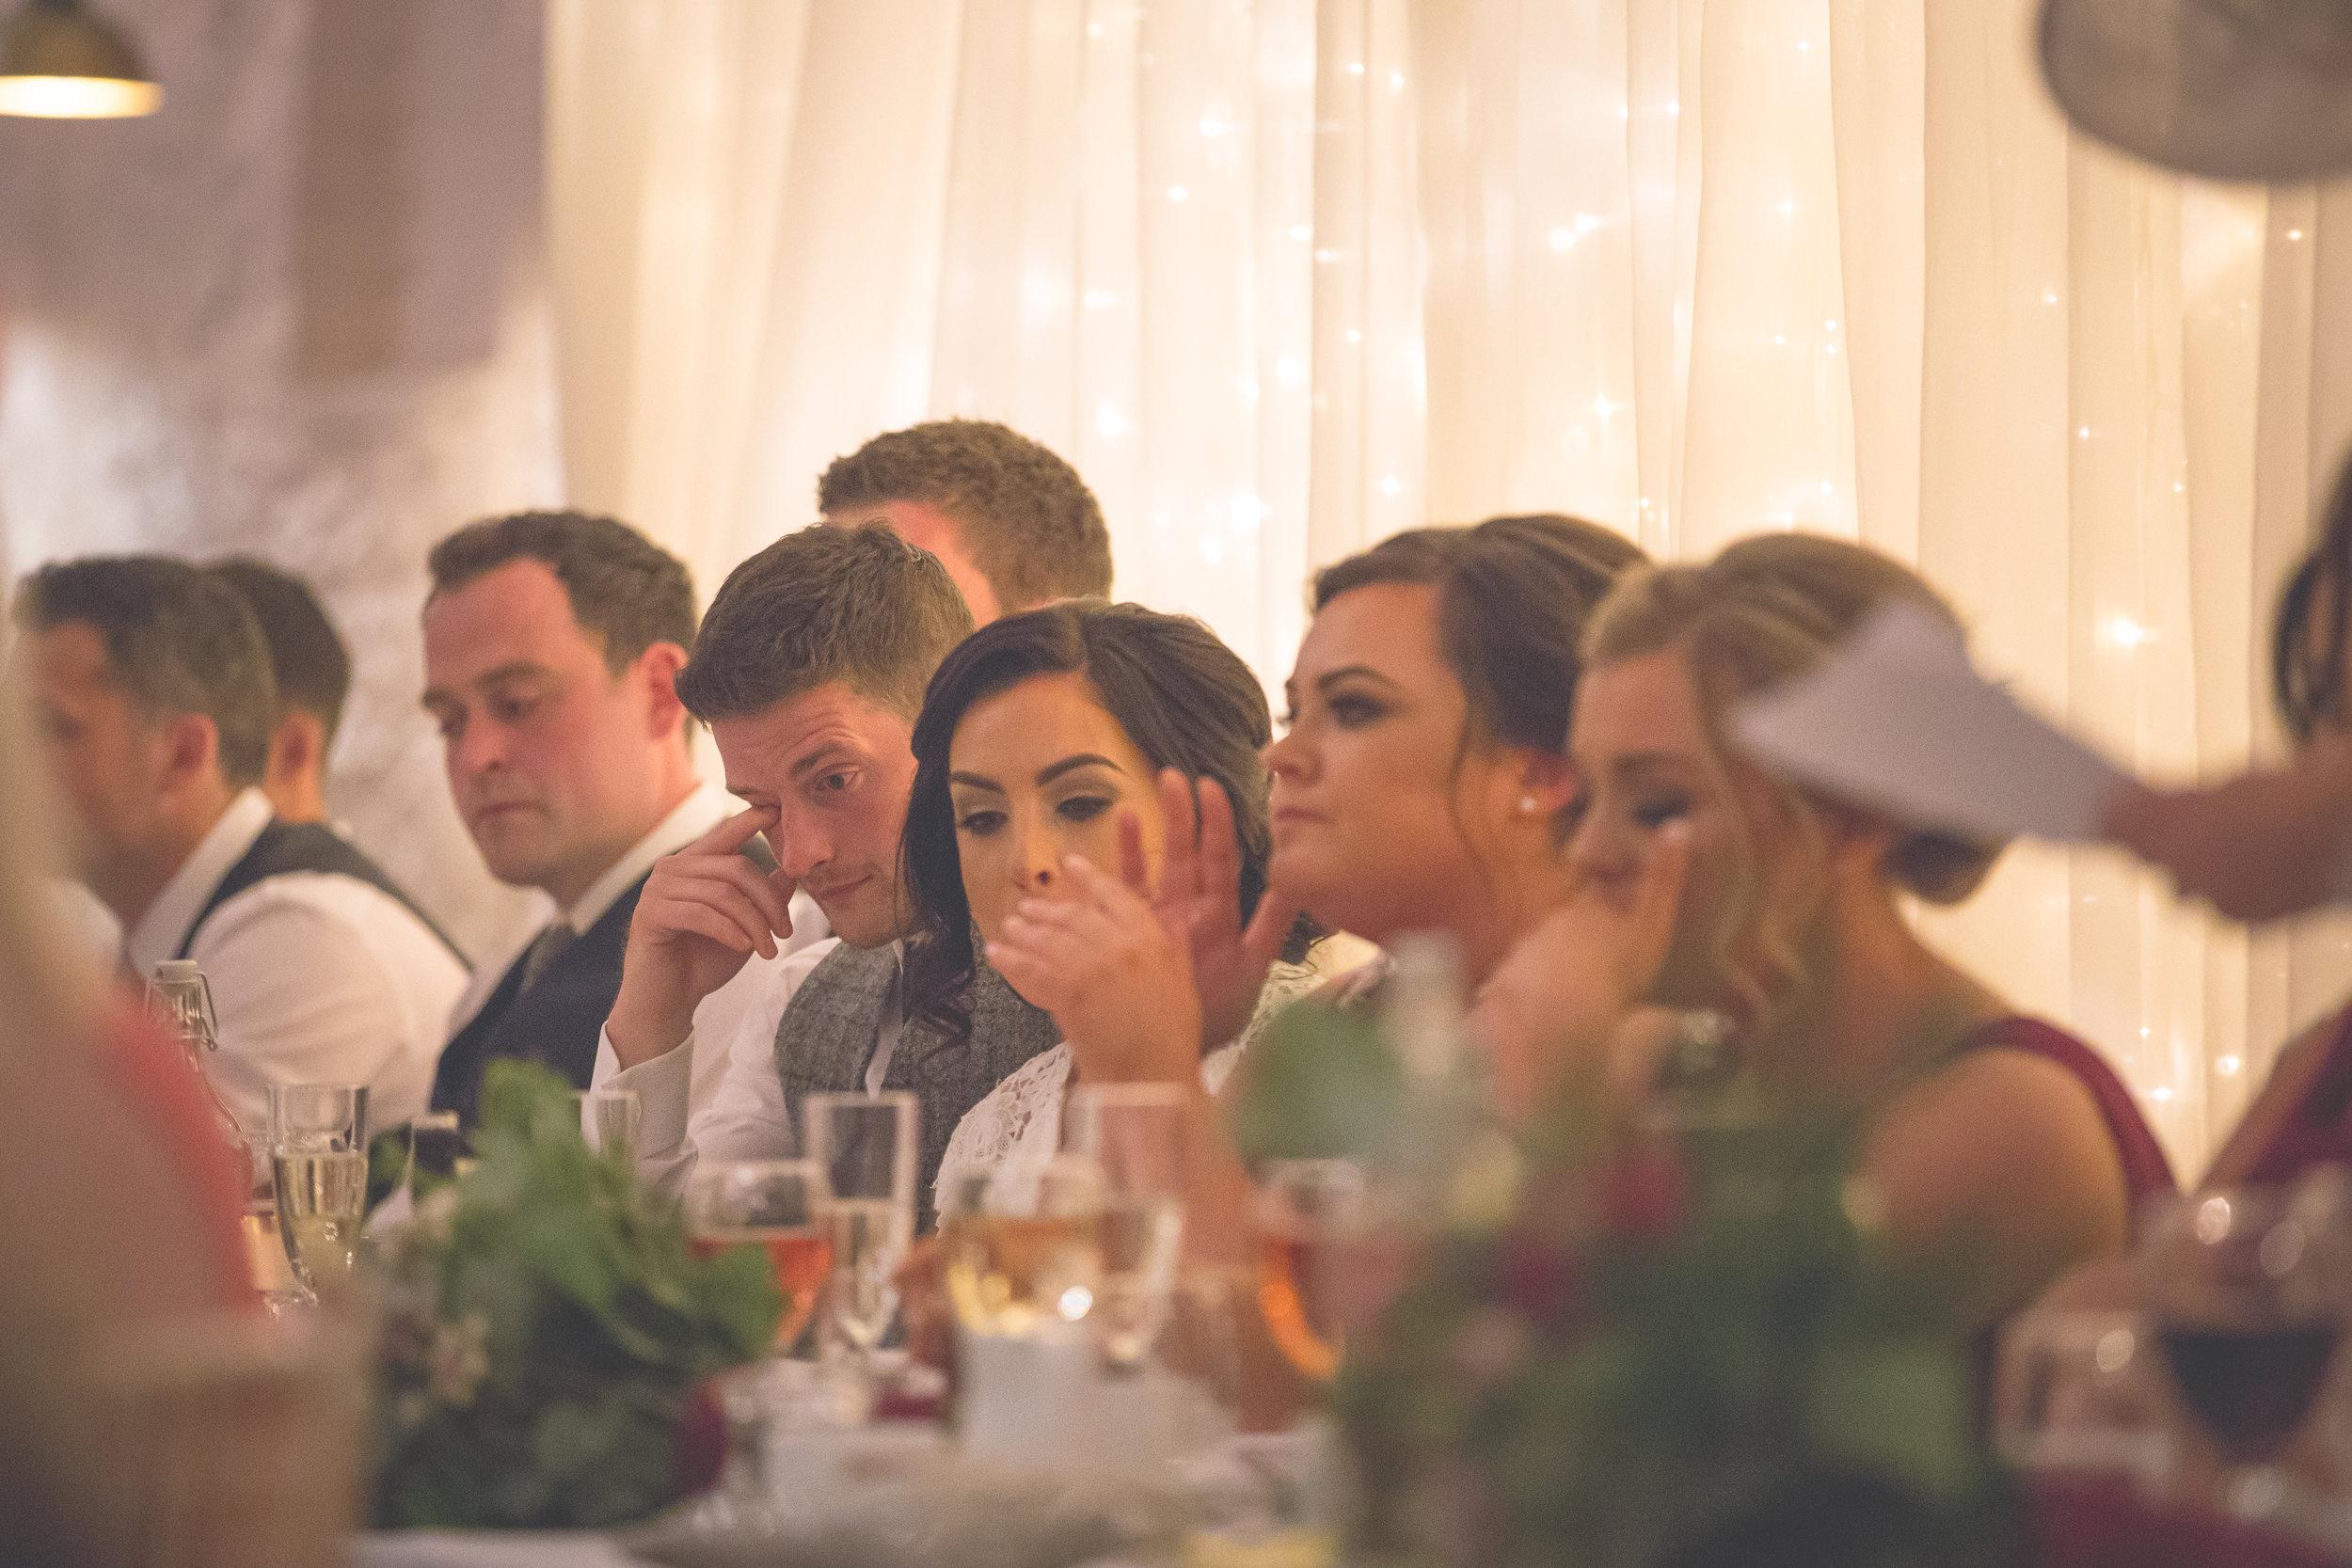 Brian McEwan Wedding Photography | Carol-Anne & Sean | The Speeches-61.jpg